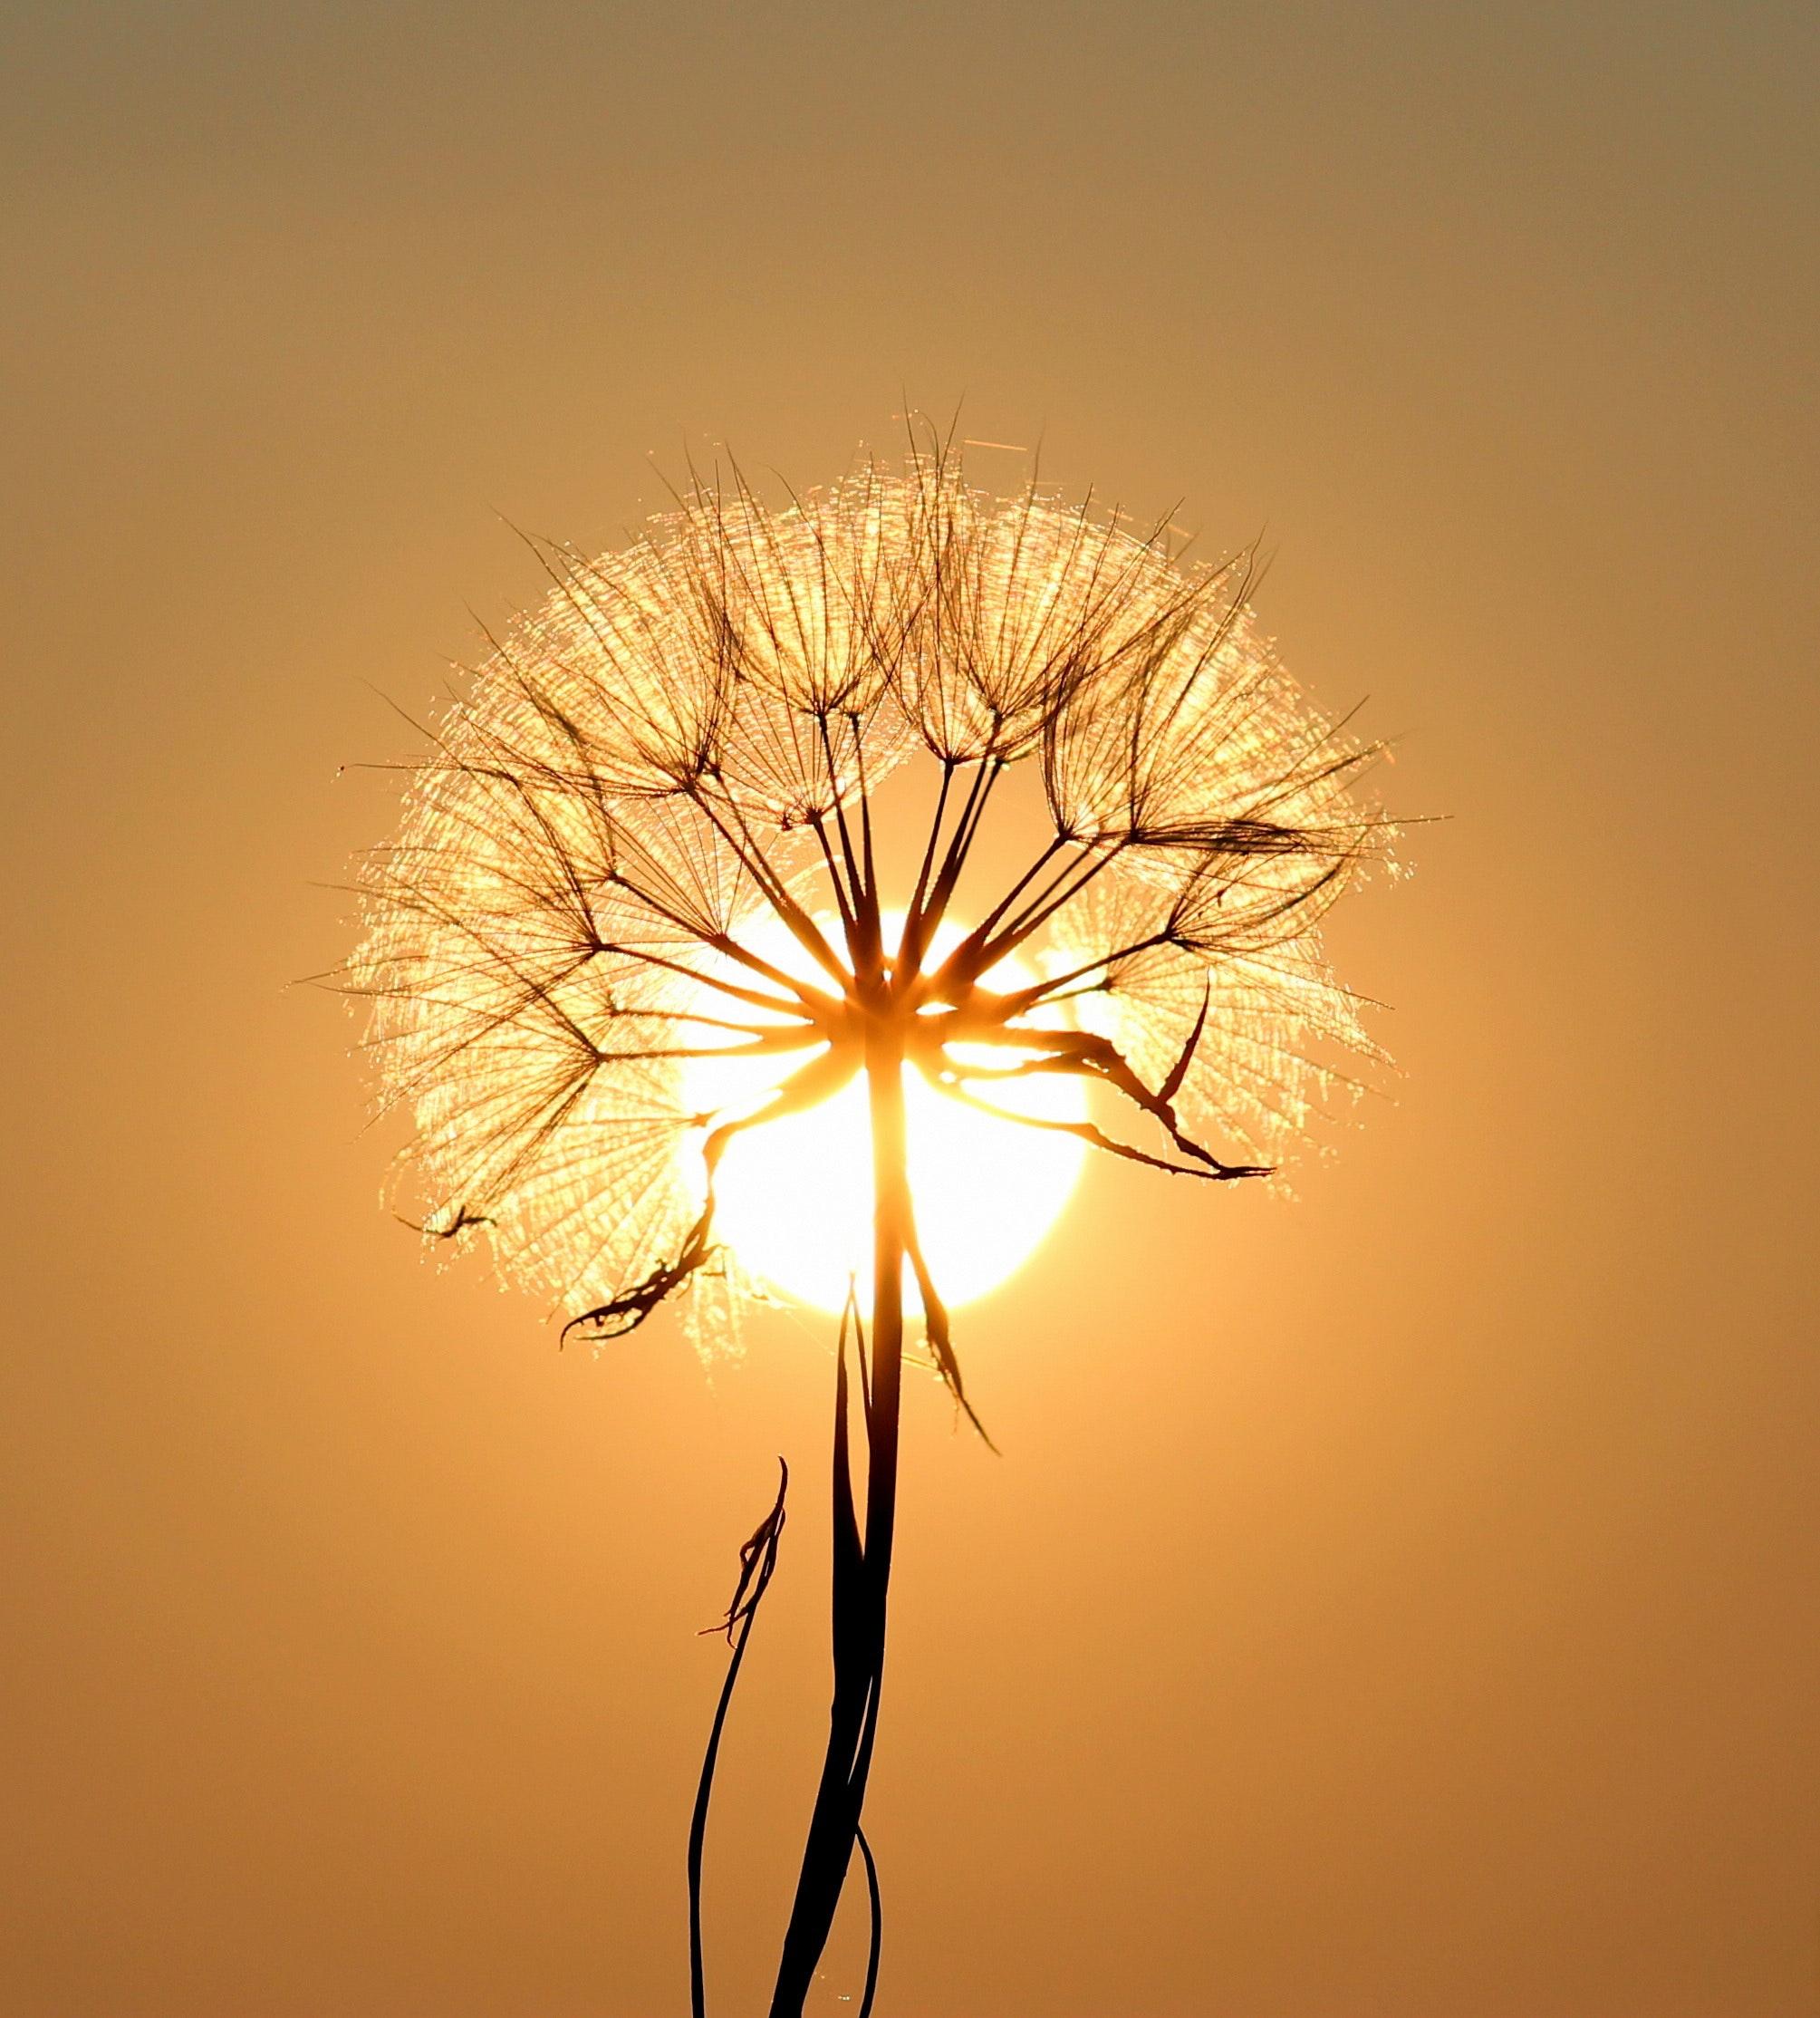 bloom-blossom-dandelion-192544.jpg